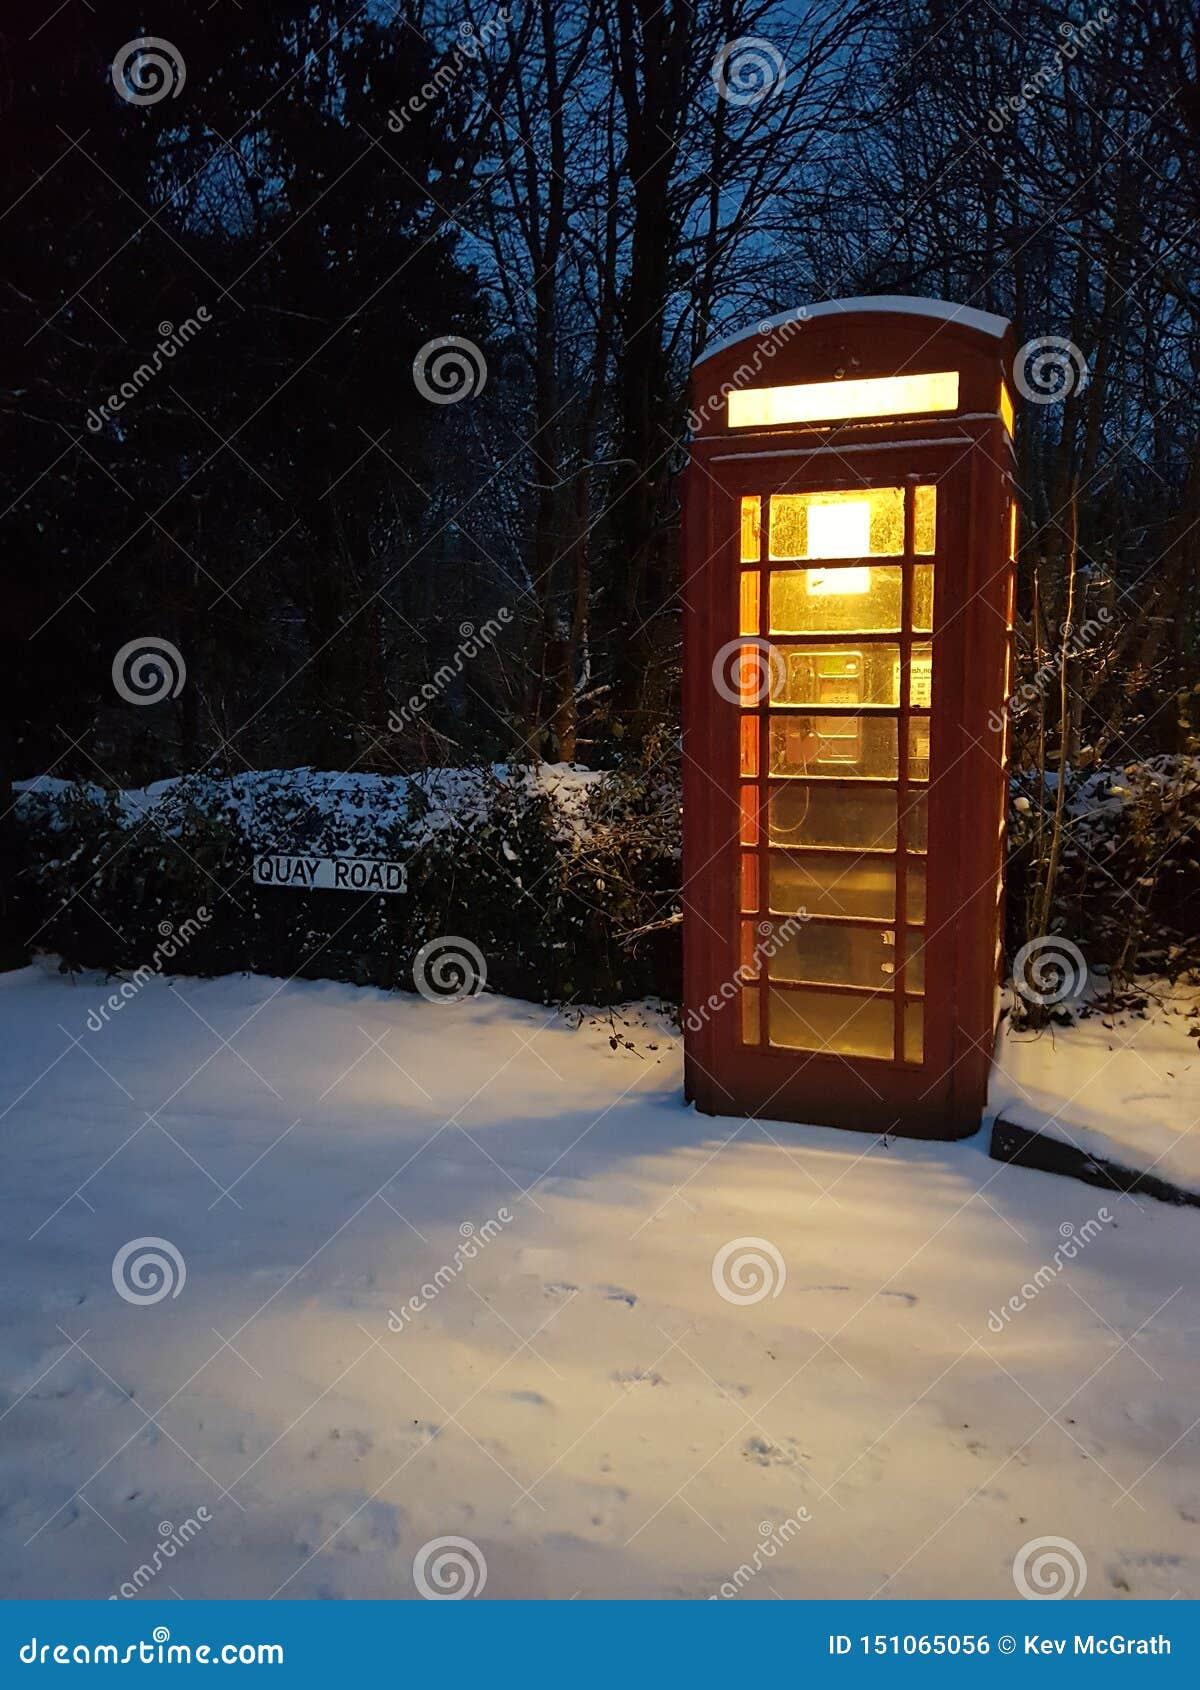 Τηλεφωνικό κιβώτιο σε μια χιονισμένη του χωριού οδό